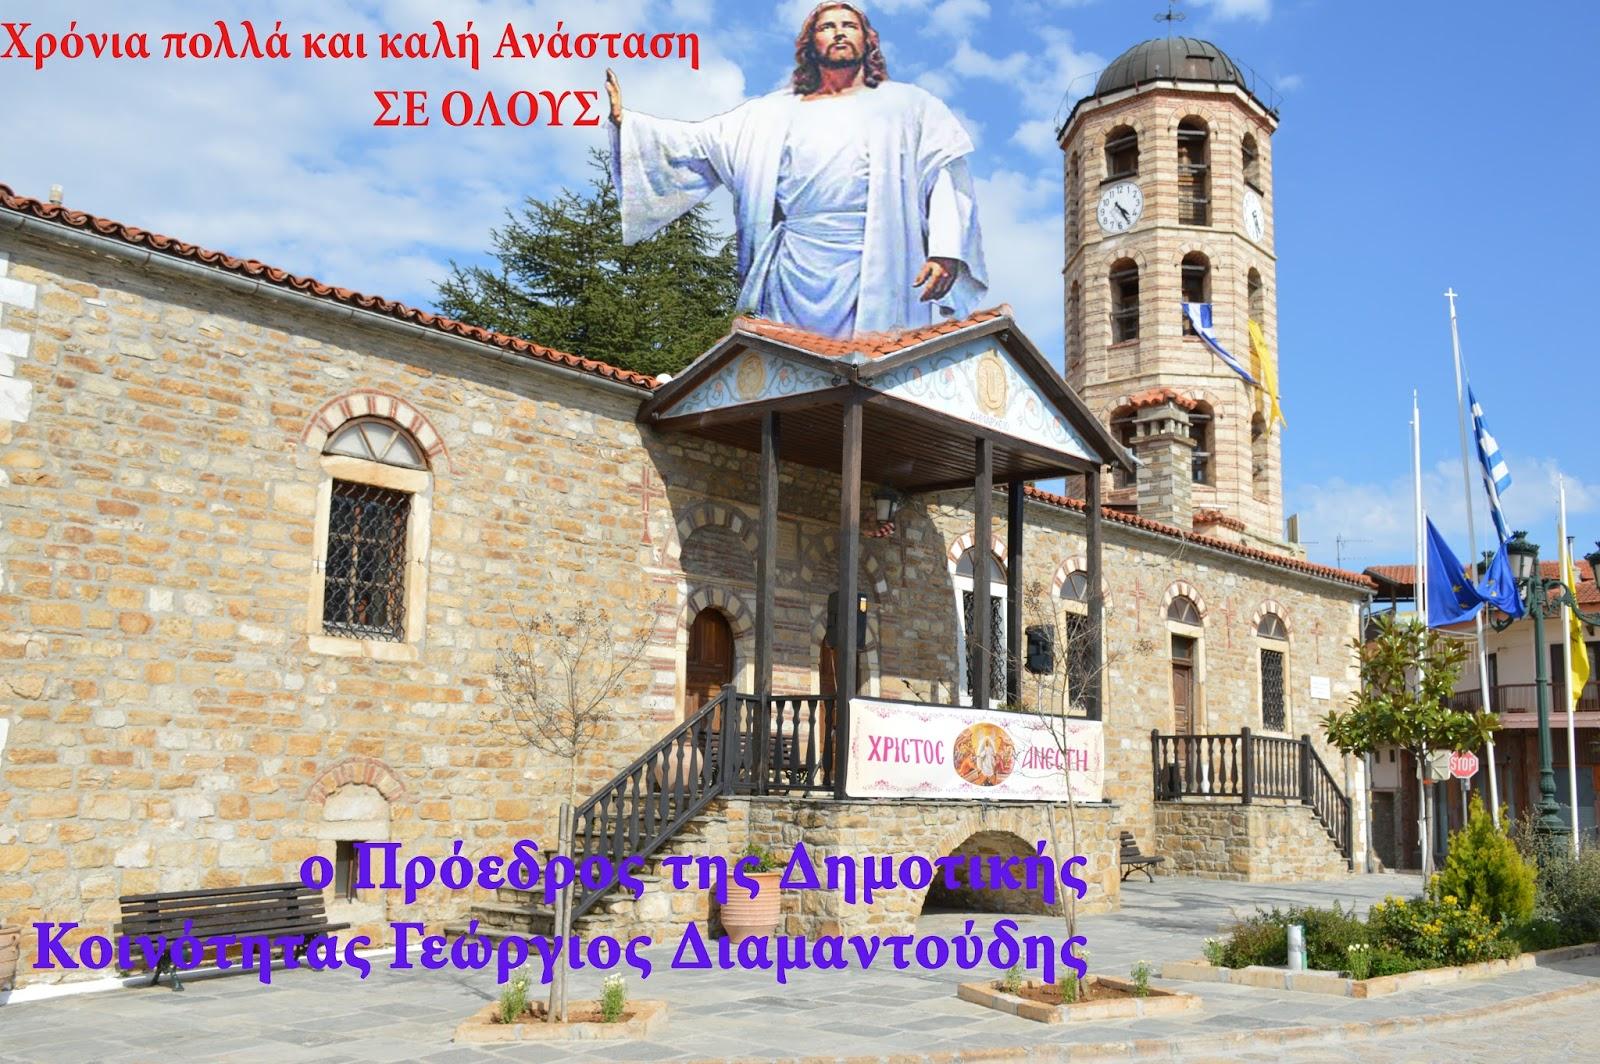 ΠΑΣΧΑΛΙΝΕΣ ΕΥΧΕΣ Πρόεδρος της Δημοτικής Κοινότητας Αρναίας Γιώργος Διαμαντούδης